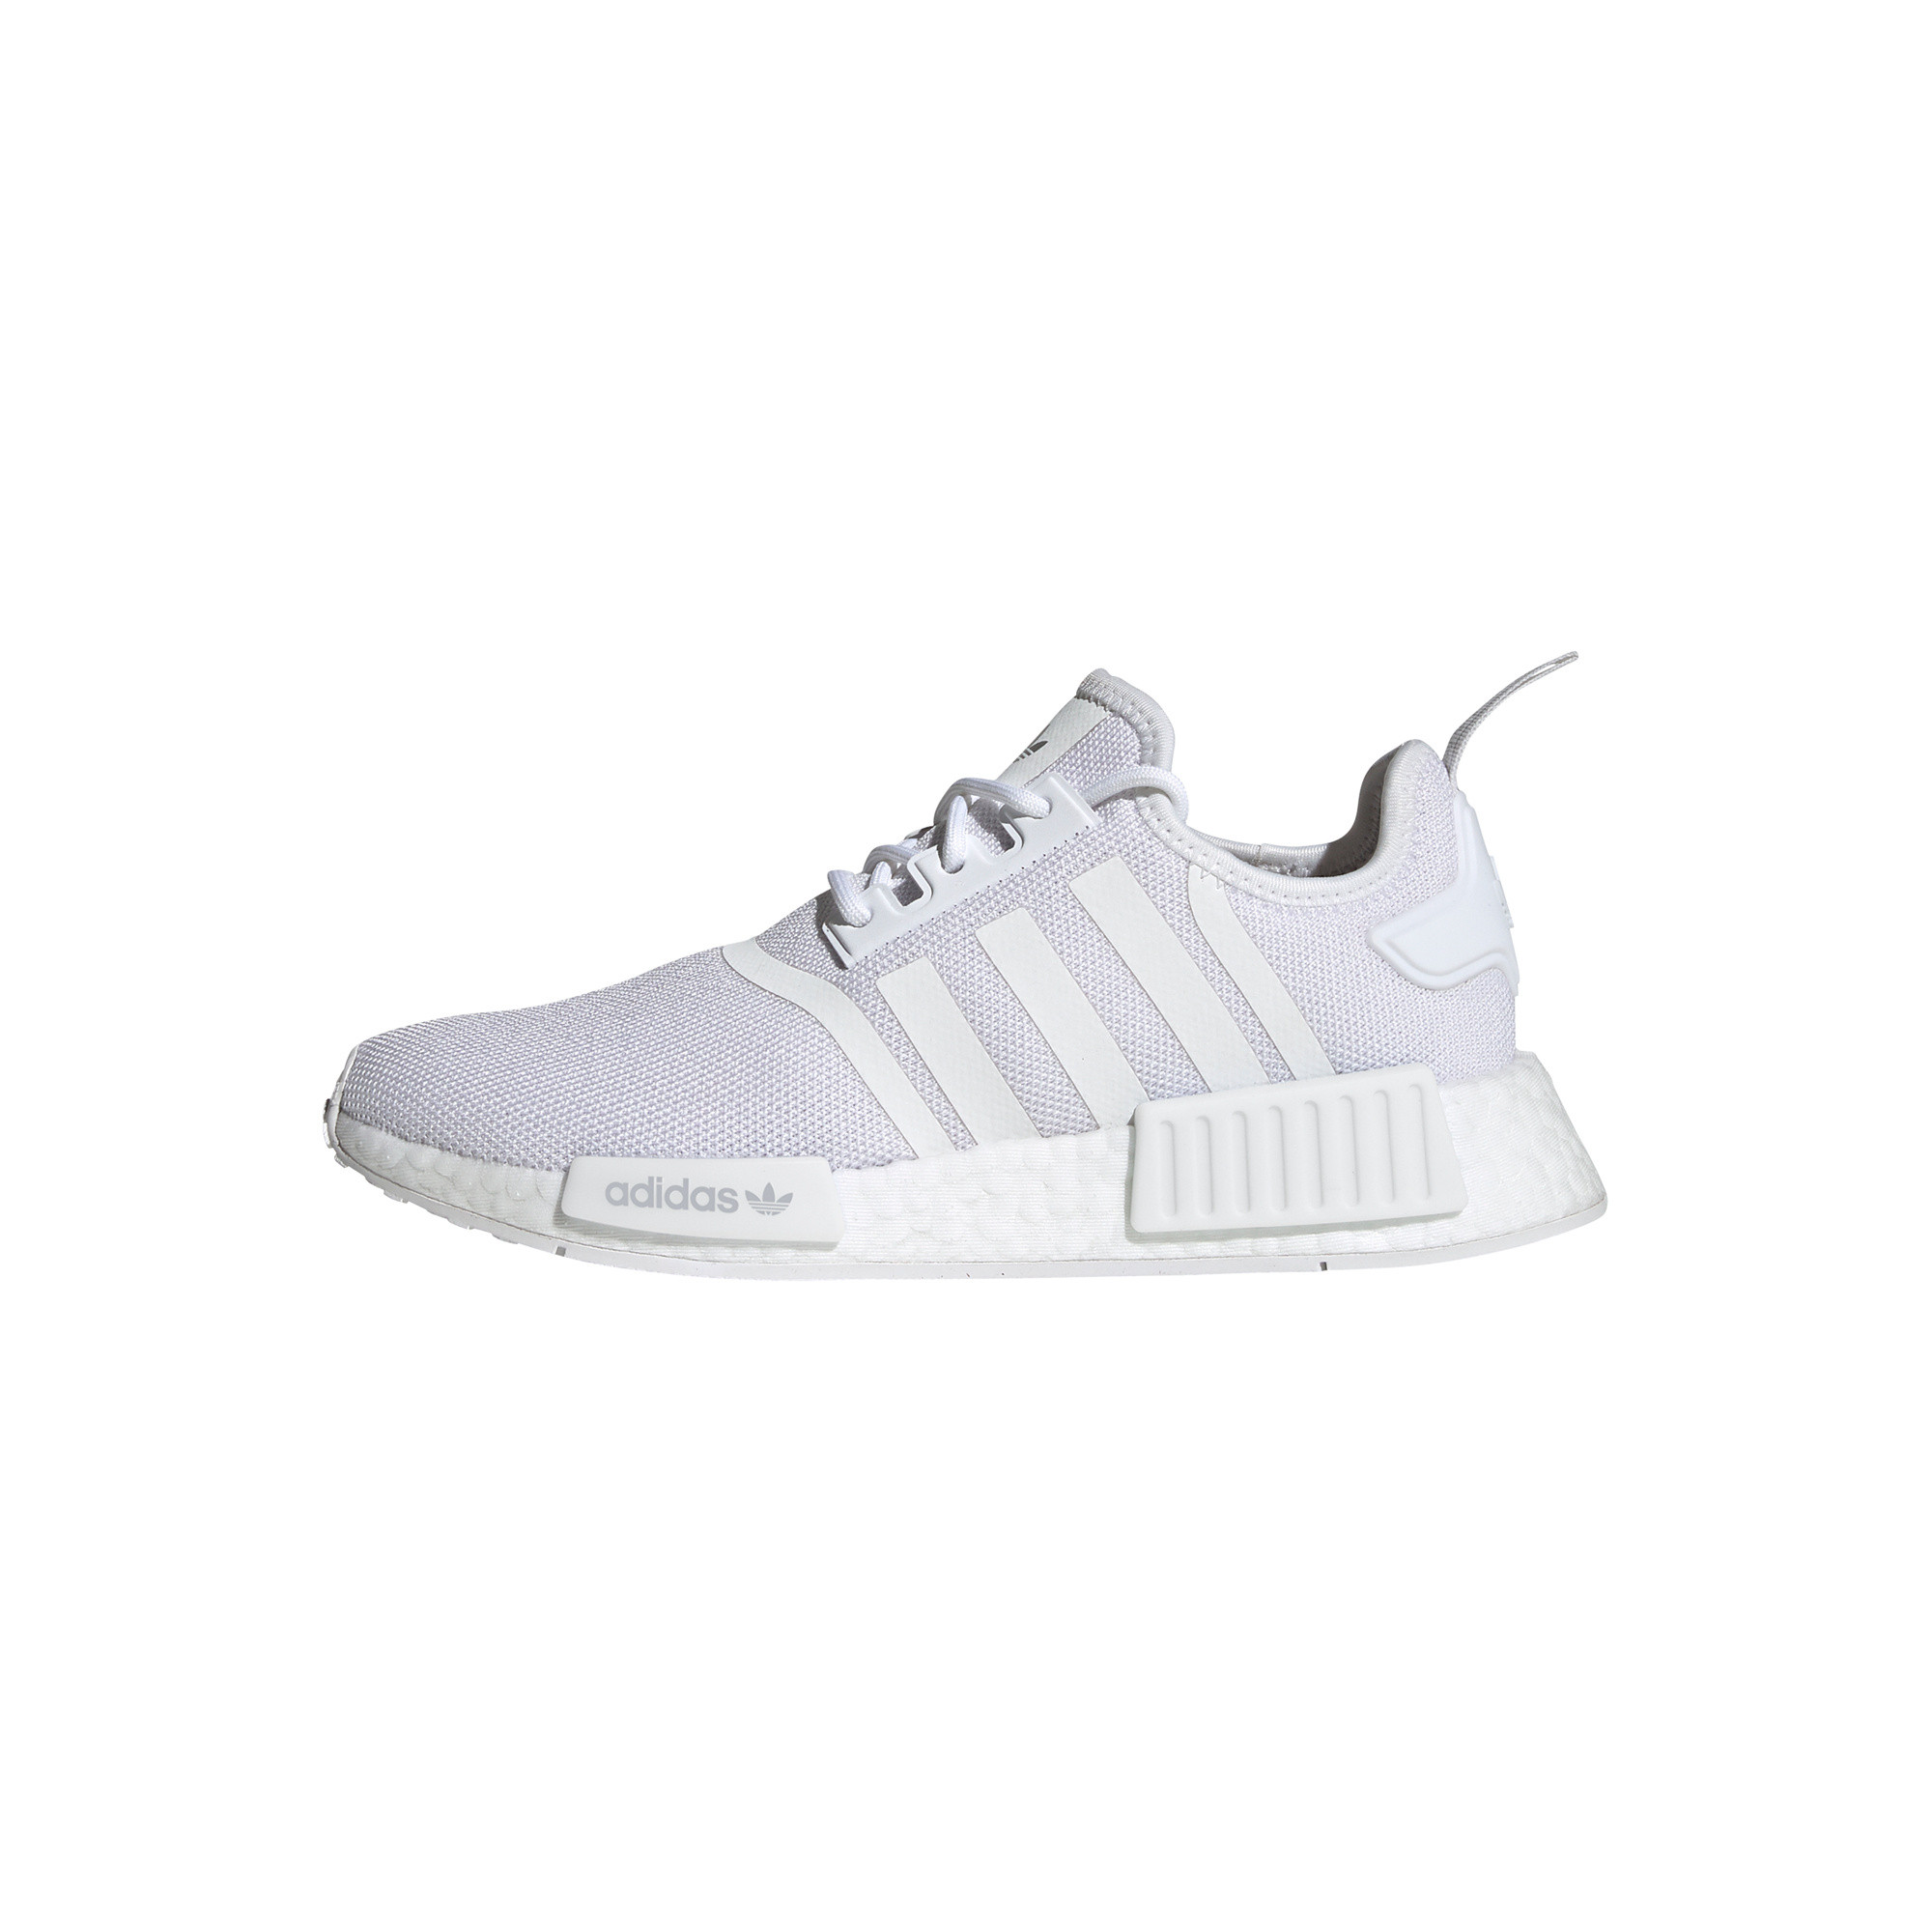 Scarpe donna Adidas Originals NMD_R1 Primeblue, Bianco/Grigio, large image number 9